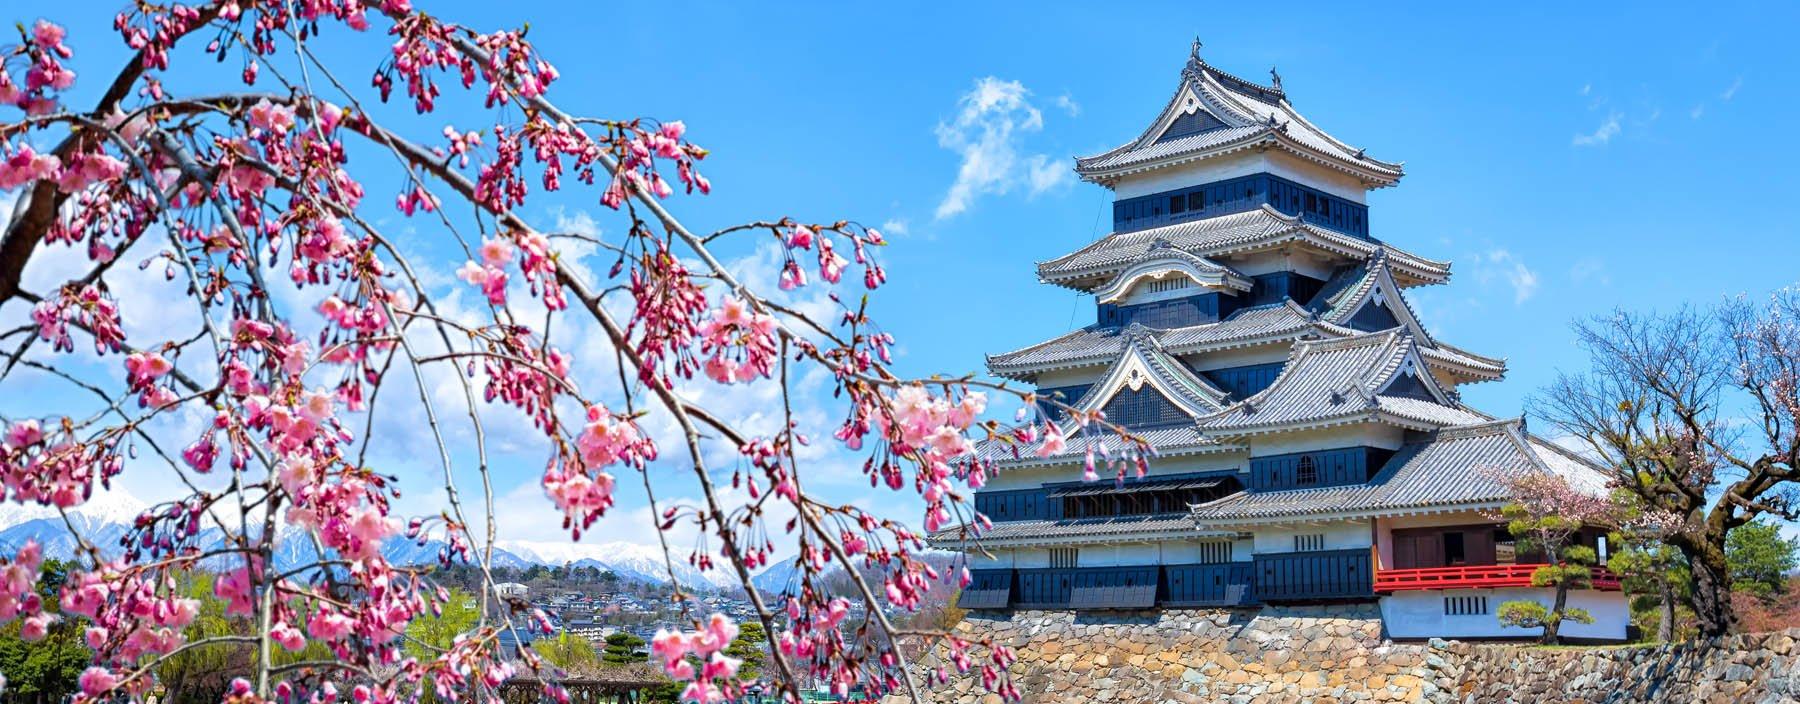 jp, matsumoto, matsumoto kasteel.jpg